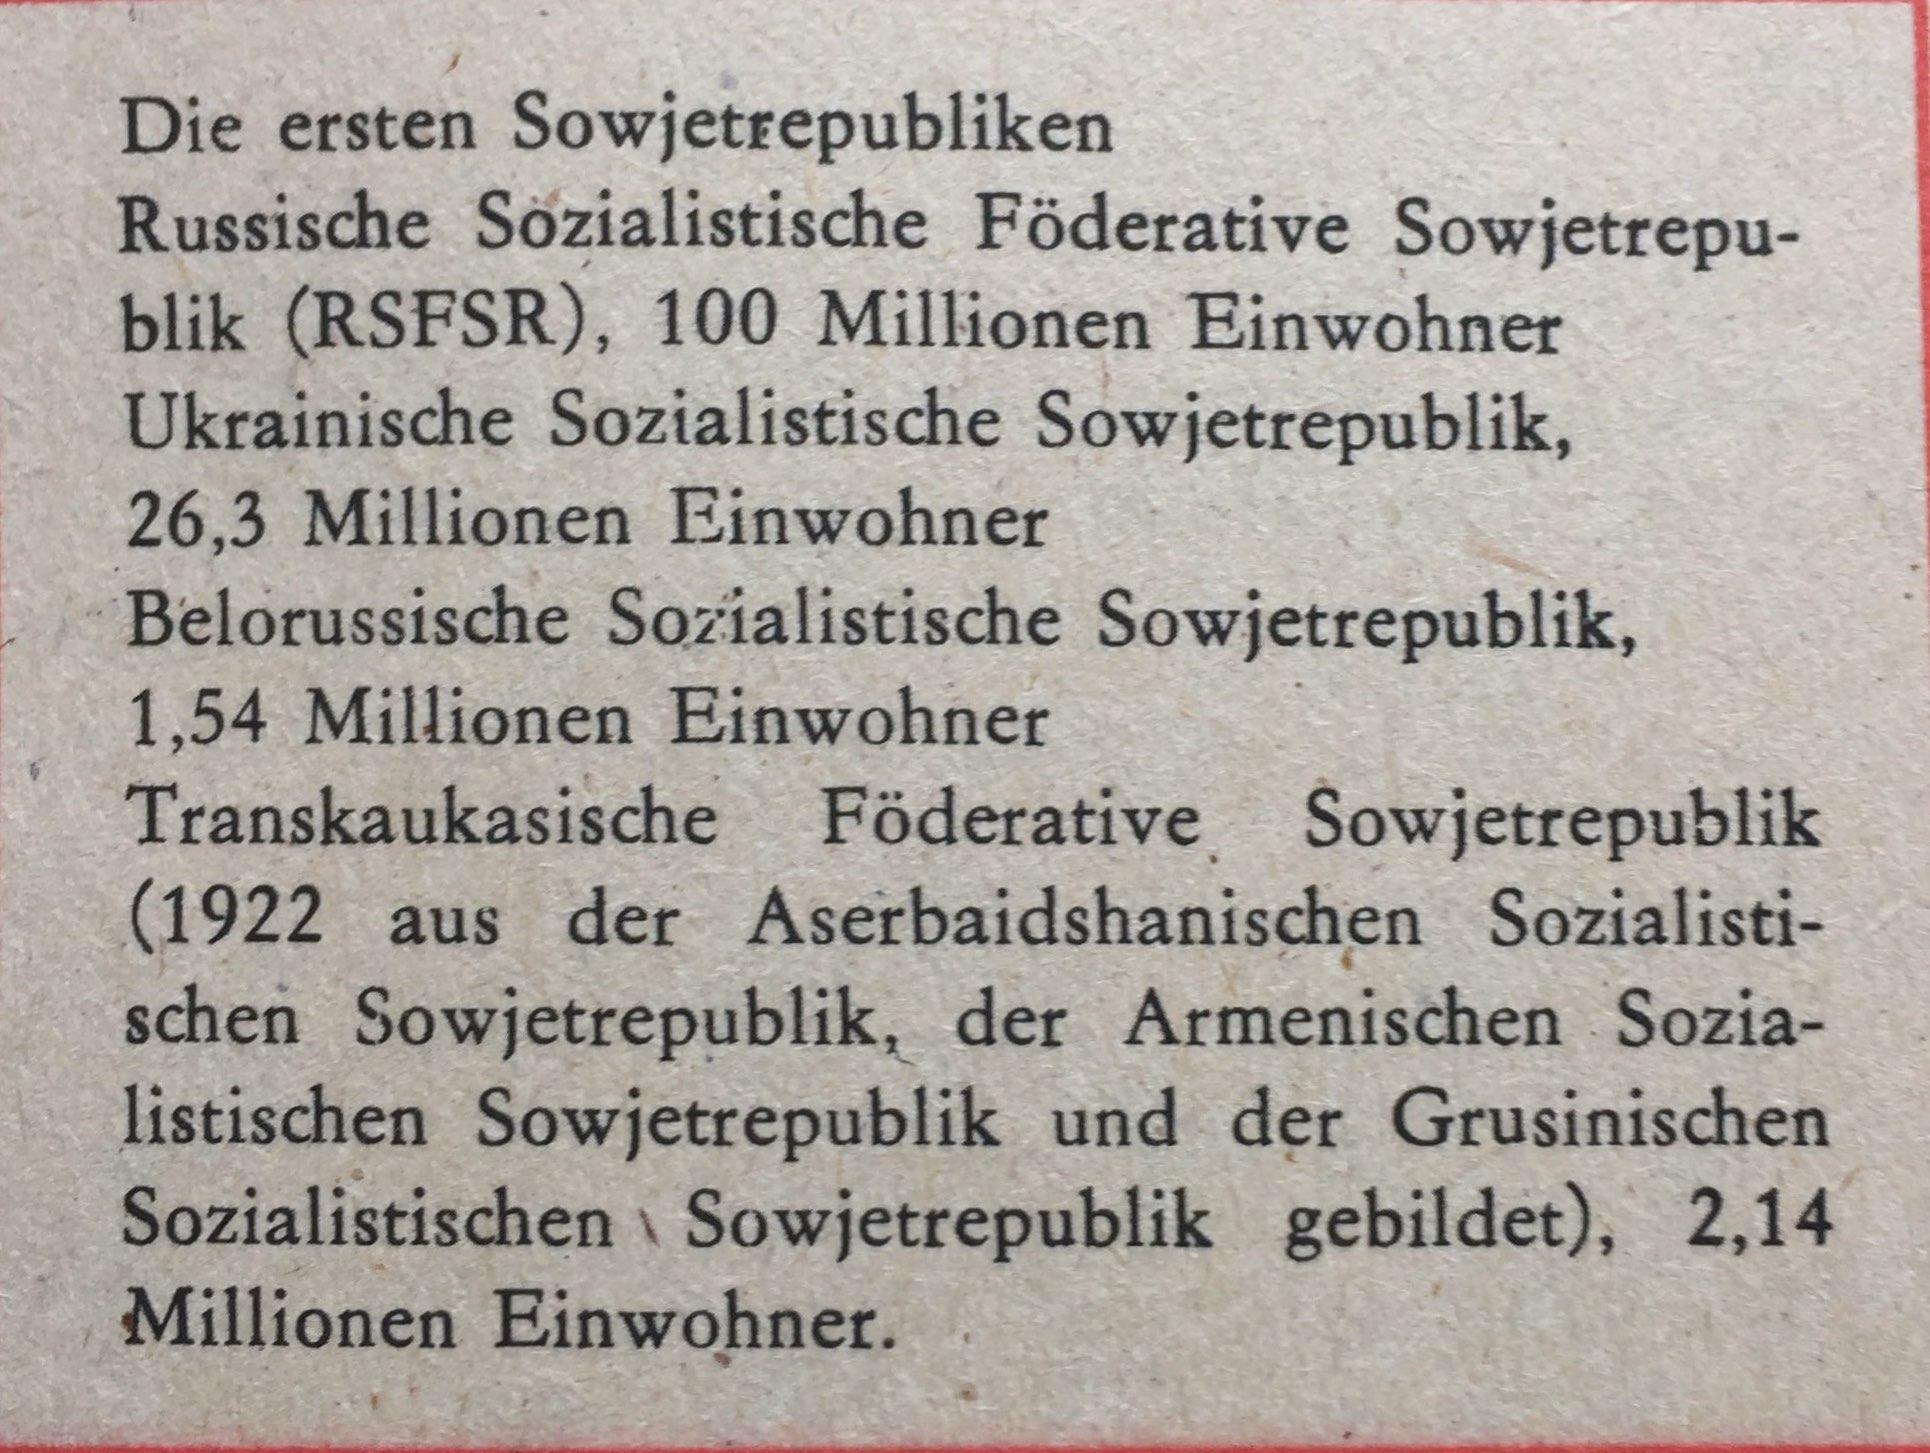 Die ersten Sowjetrepubliken